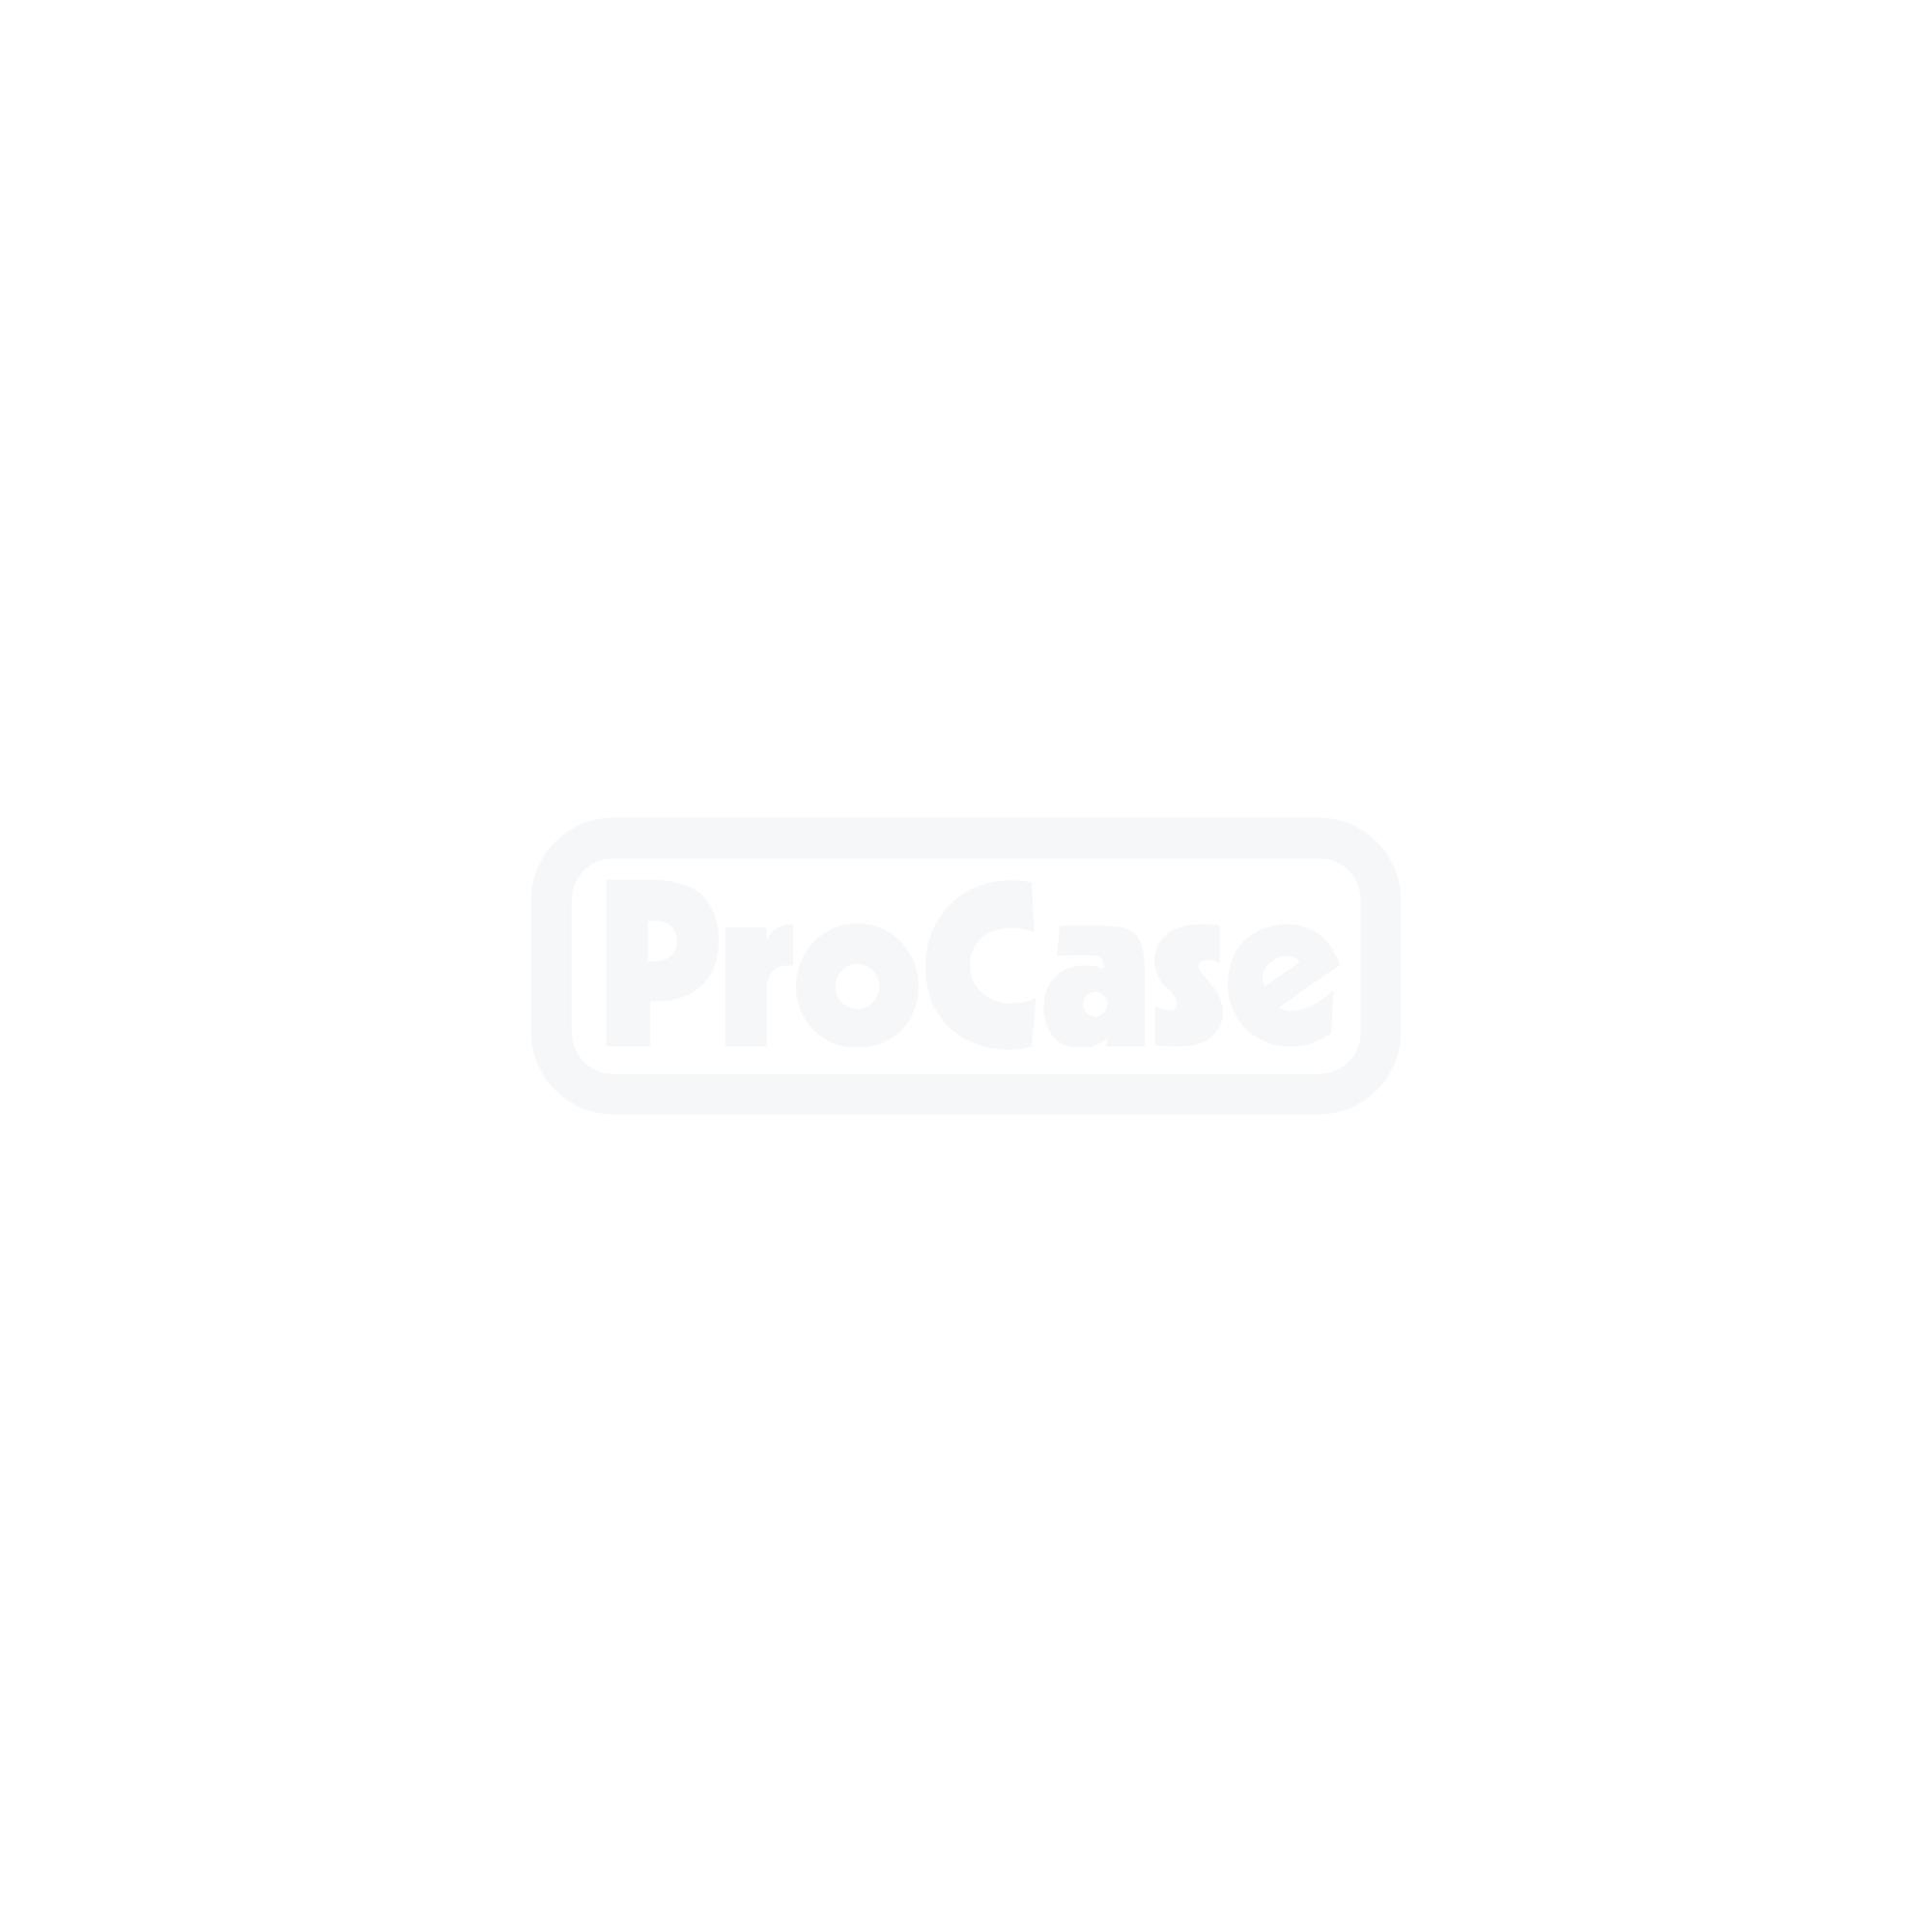 Flipcase für Allen&Heath dLive S5000